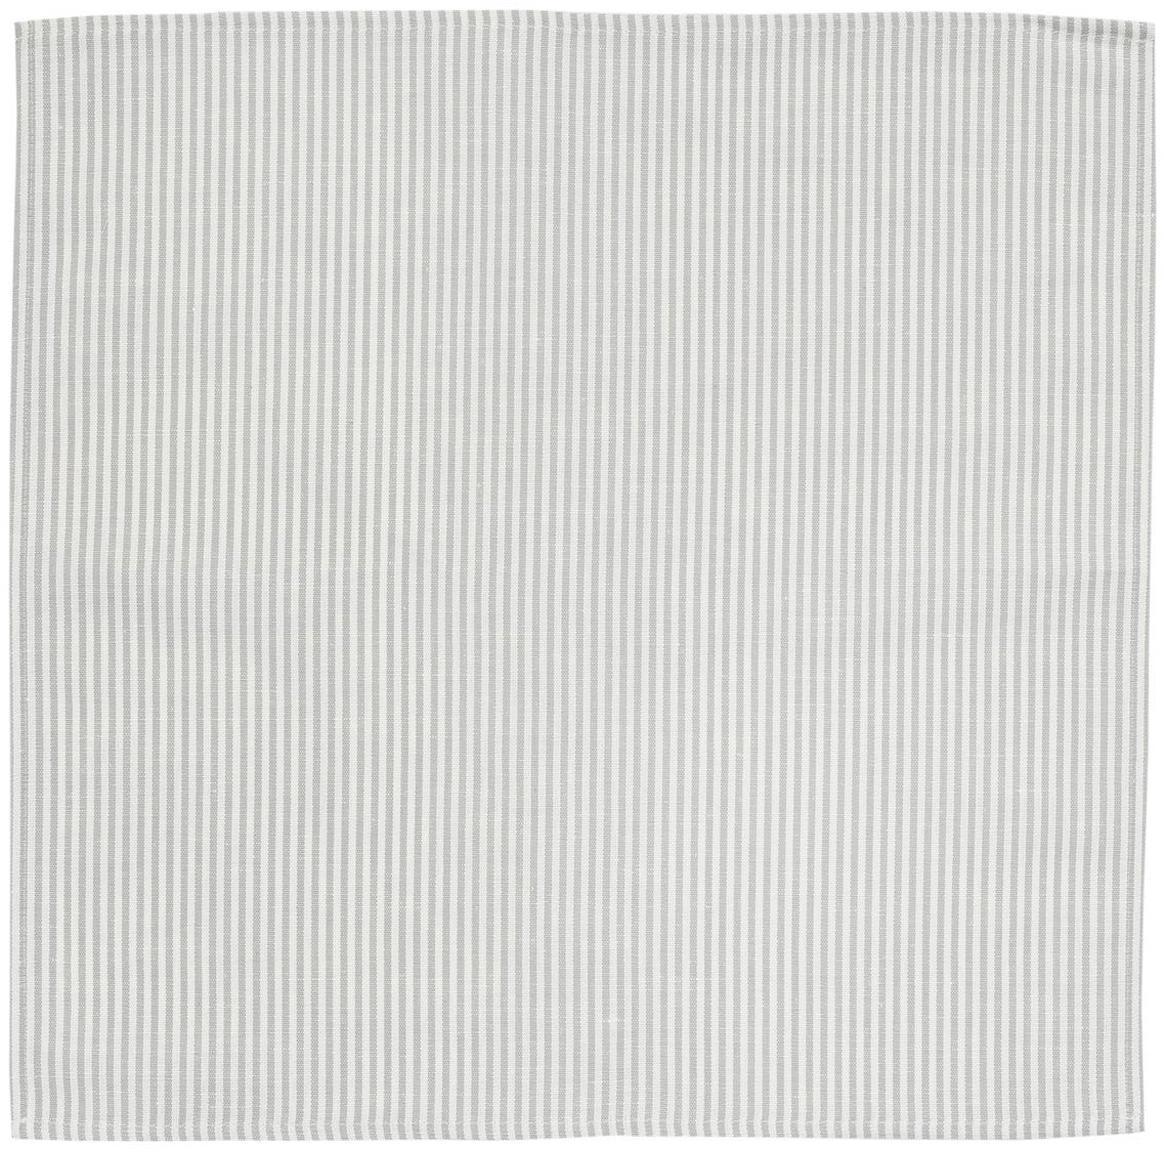 Serwetka w paski, 6 szt., Biały, szary, 45 x 45 cm